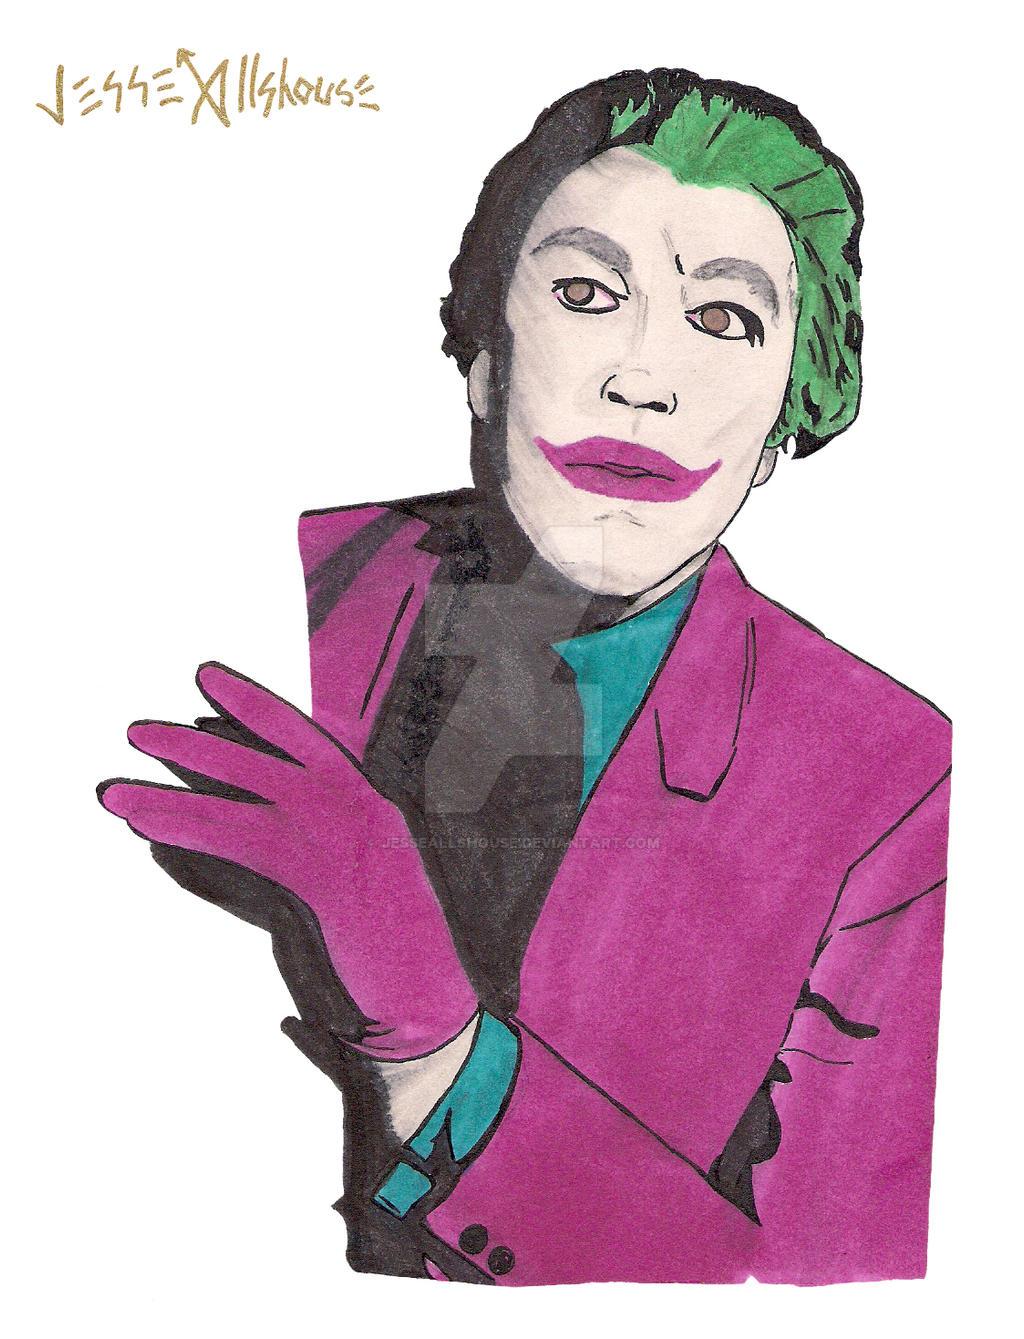 The Joker  - Cesar Romero